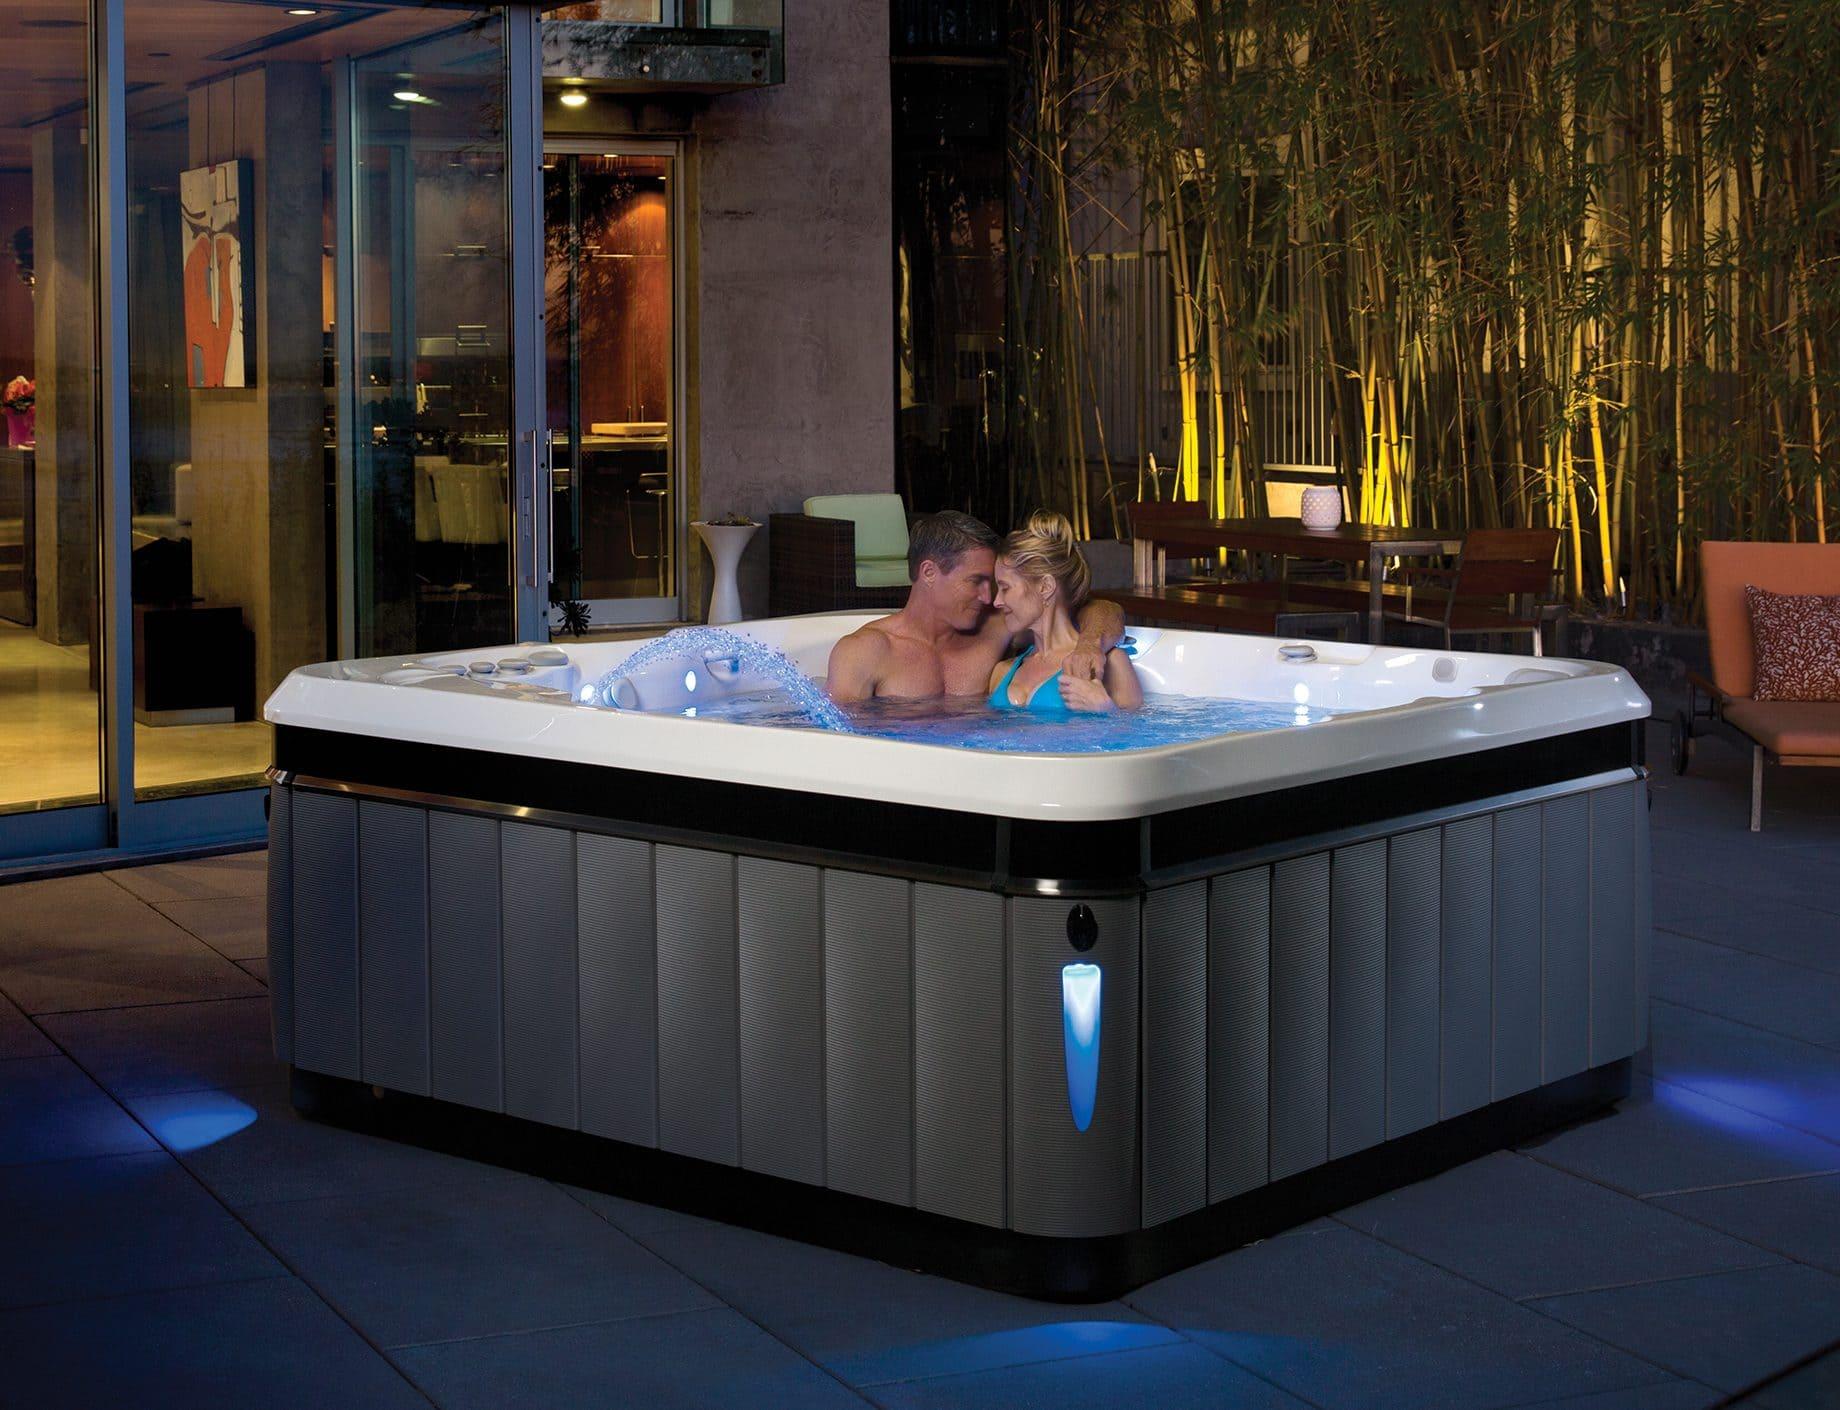 Spabad Caldera Utopia Tahitian, par badar i skymning, Pool Store